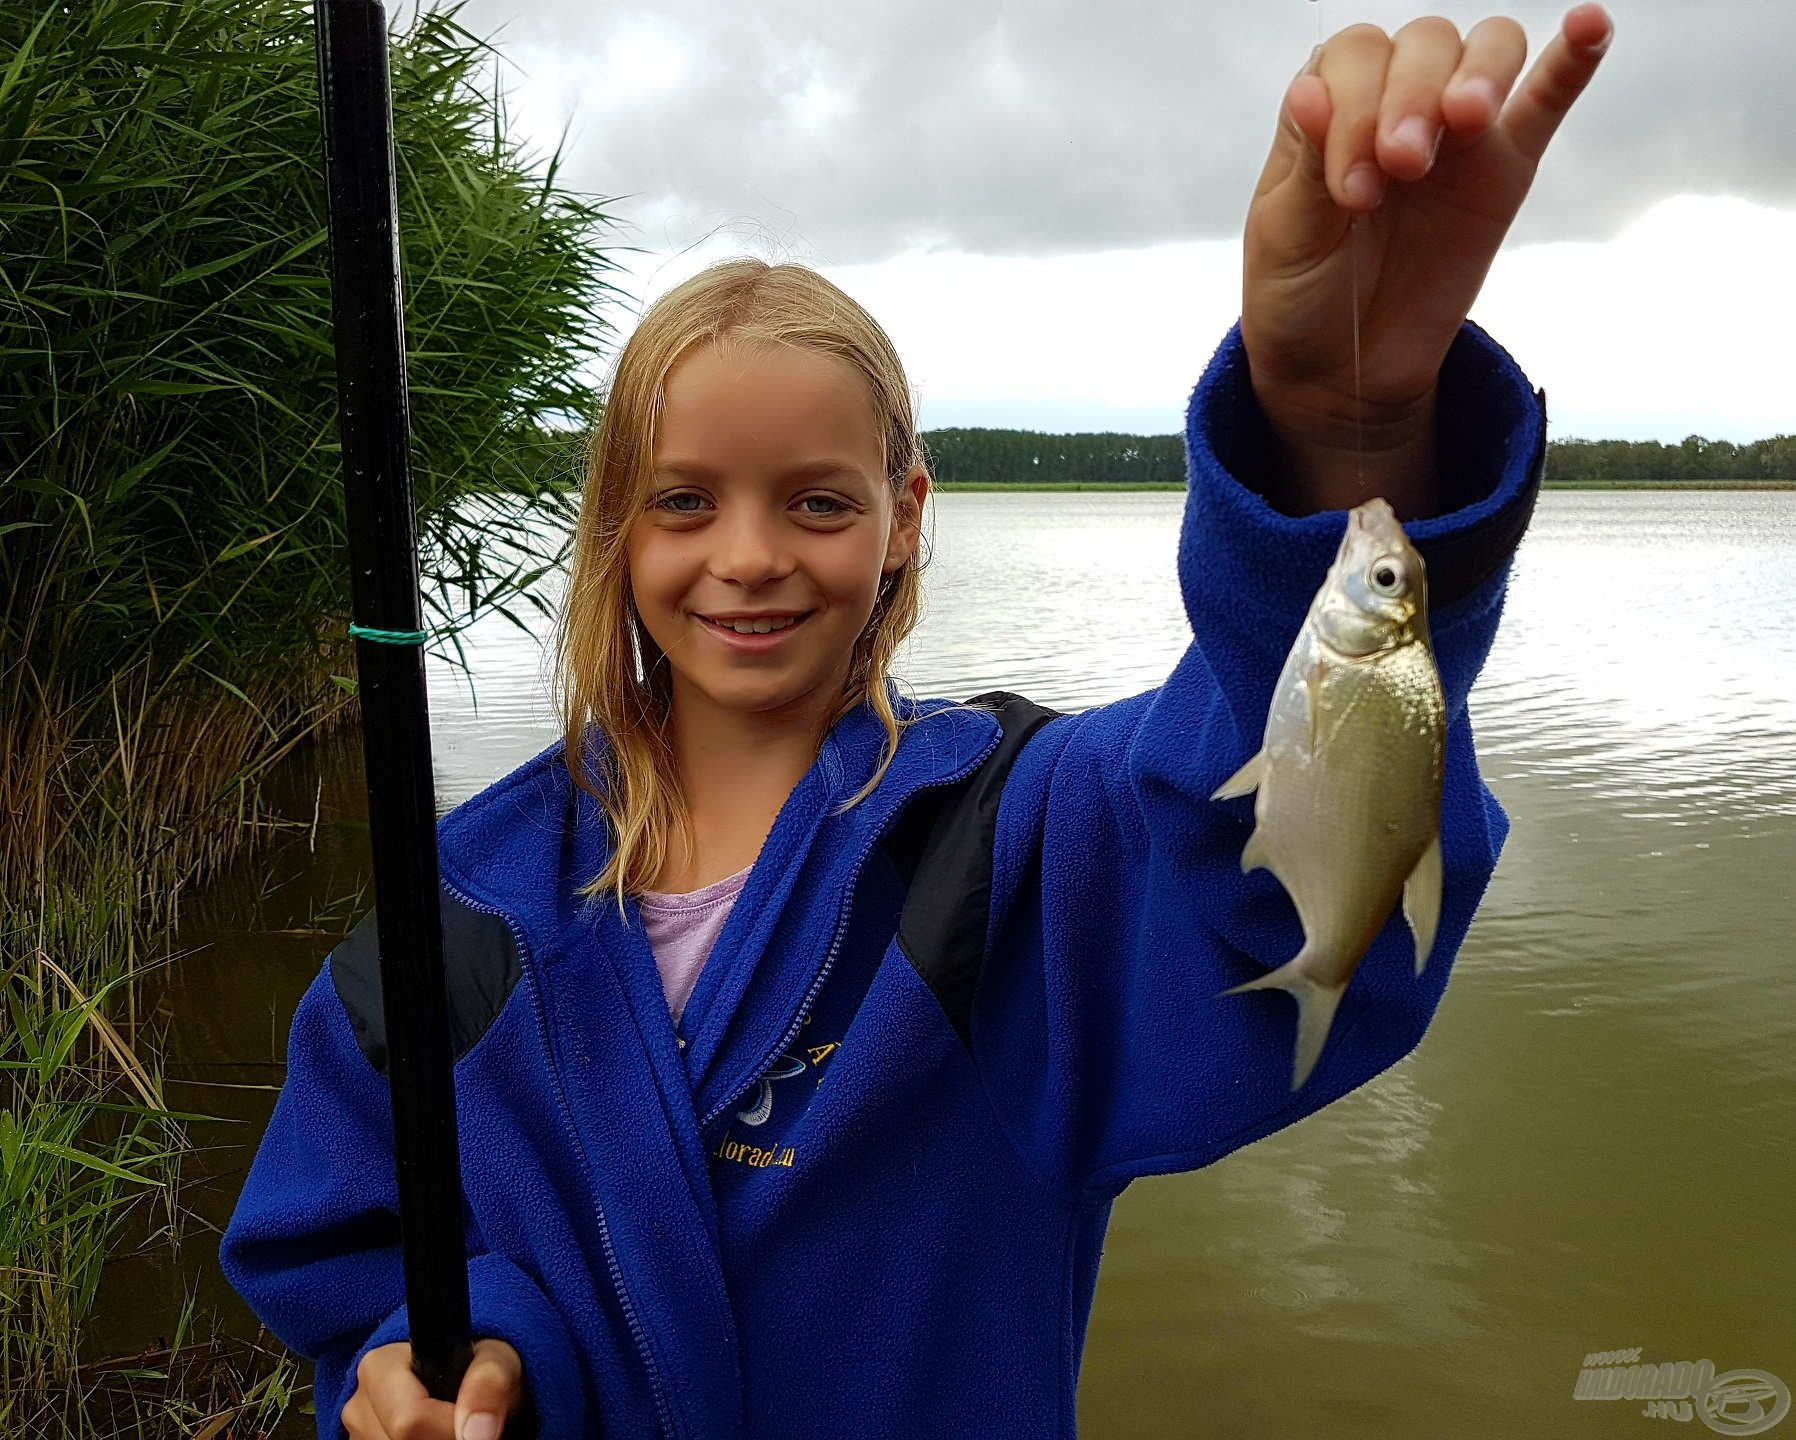 Laura utolsó hala a horgásztáborban, sajnos a másnapi versenyen egyéb elfoglaltságai miatt nem tudott részt venni